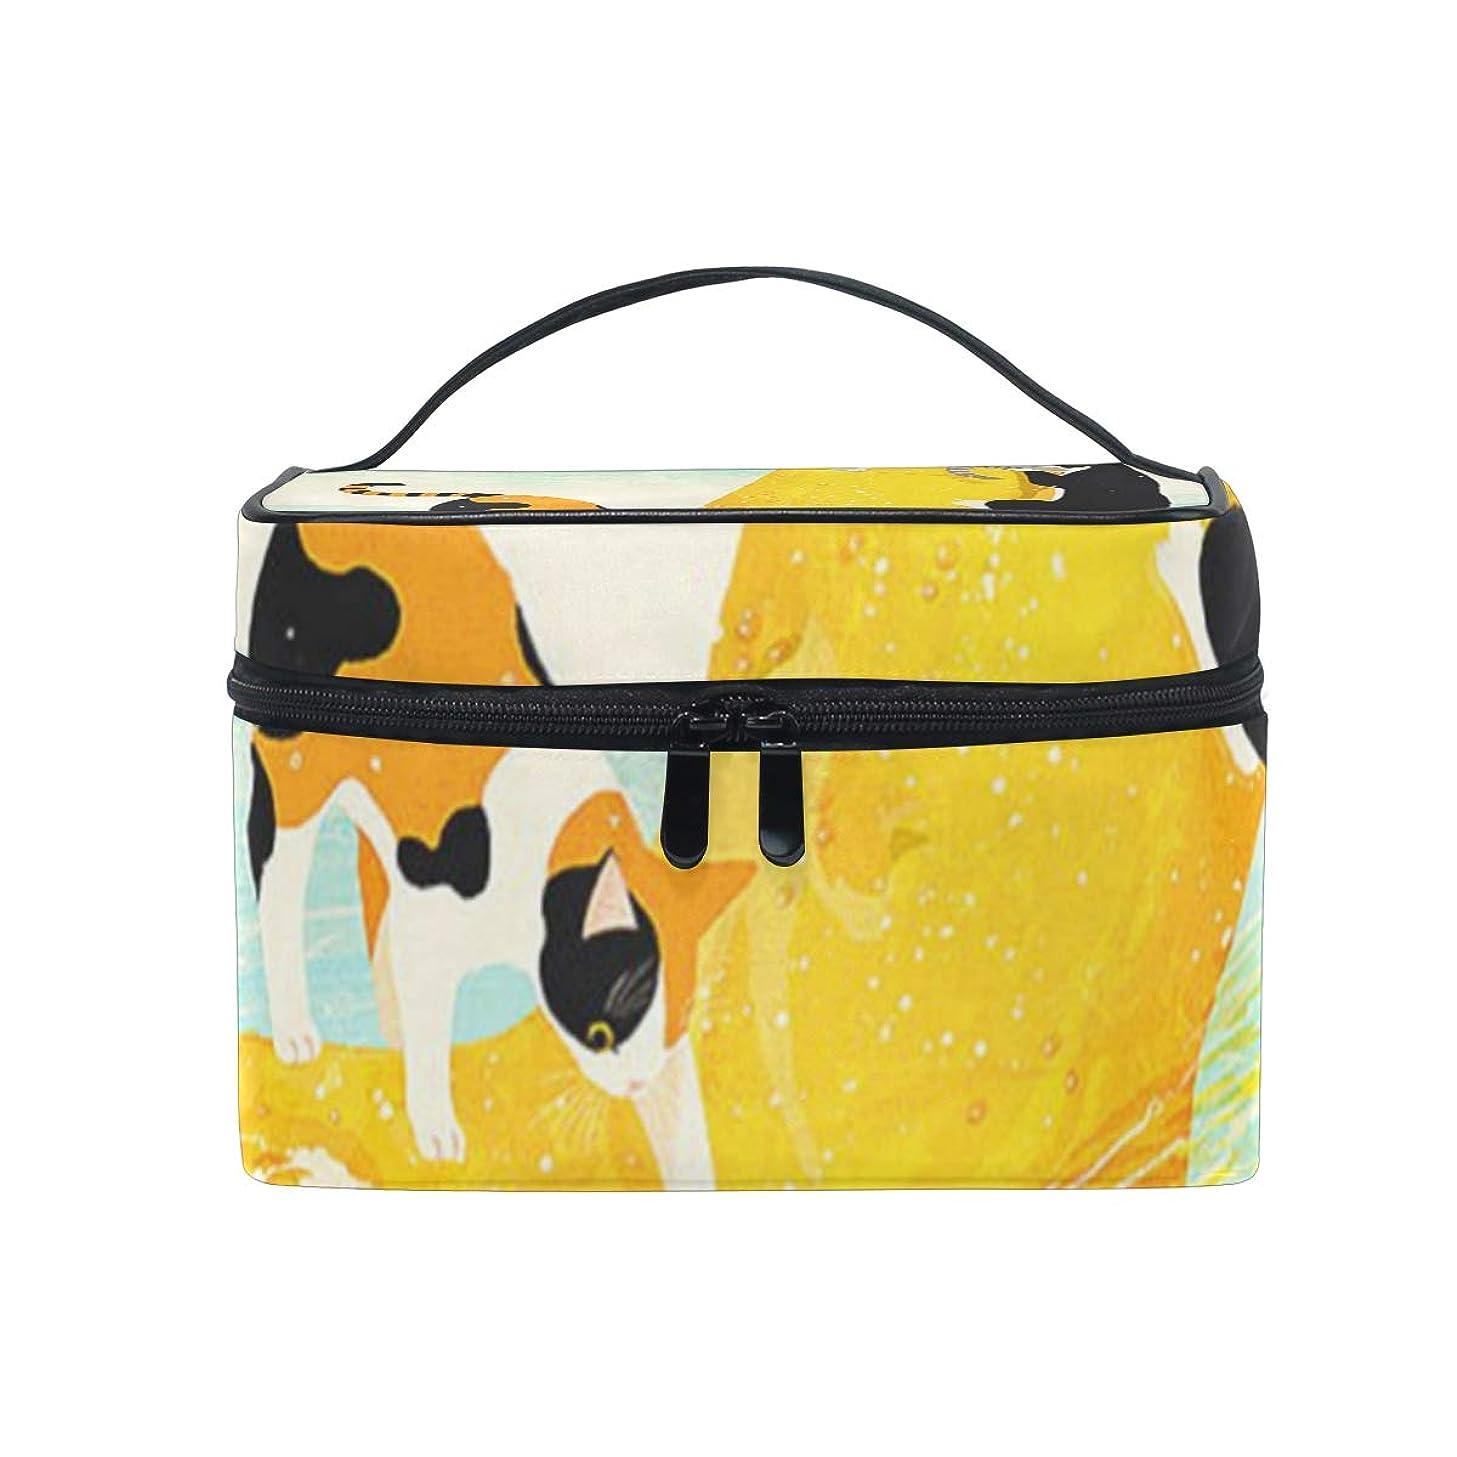 一人で思い出させる手荷物メイクポーチ 猫 ビールの靴 化粧ポーチ 化粧箱 バニティポーチ コスメポーチ 化粧品 収納 雑貨 小物入れ 女性 超軽量 機能的 大容量